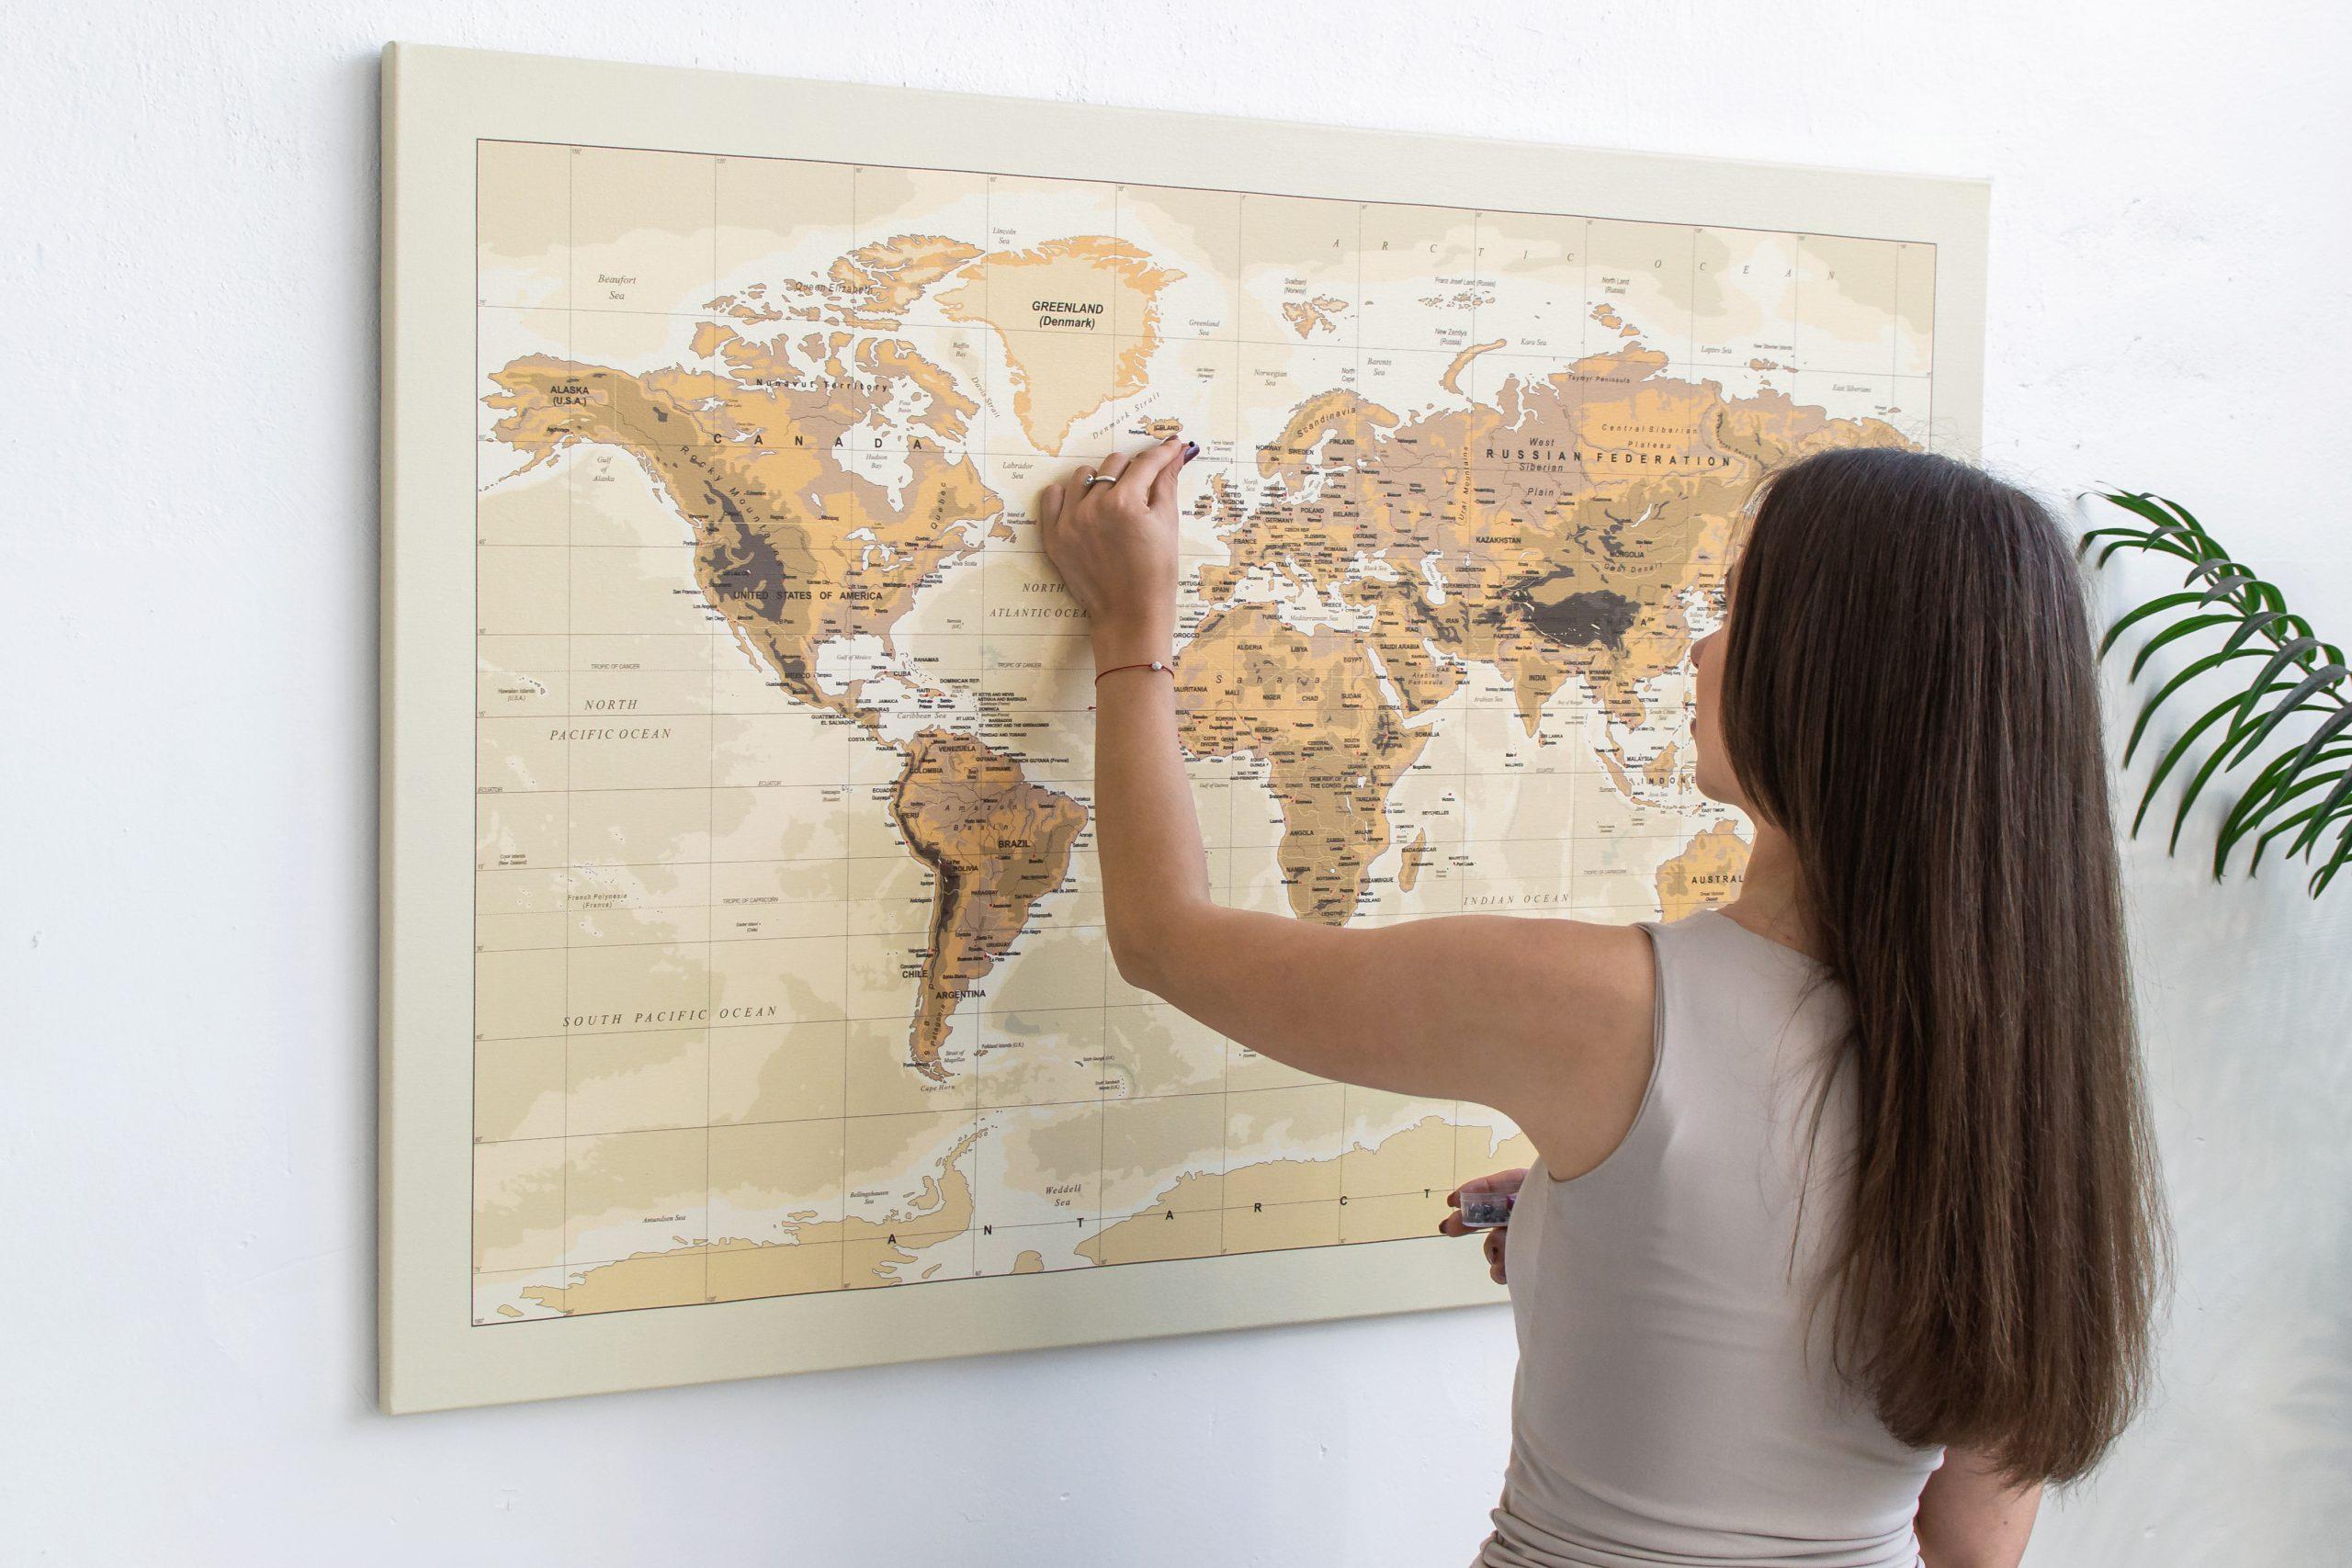 Smėlinis, detalus pasaulio žemėlapis iš toli